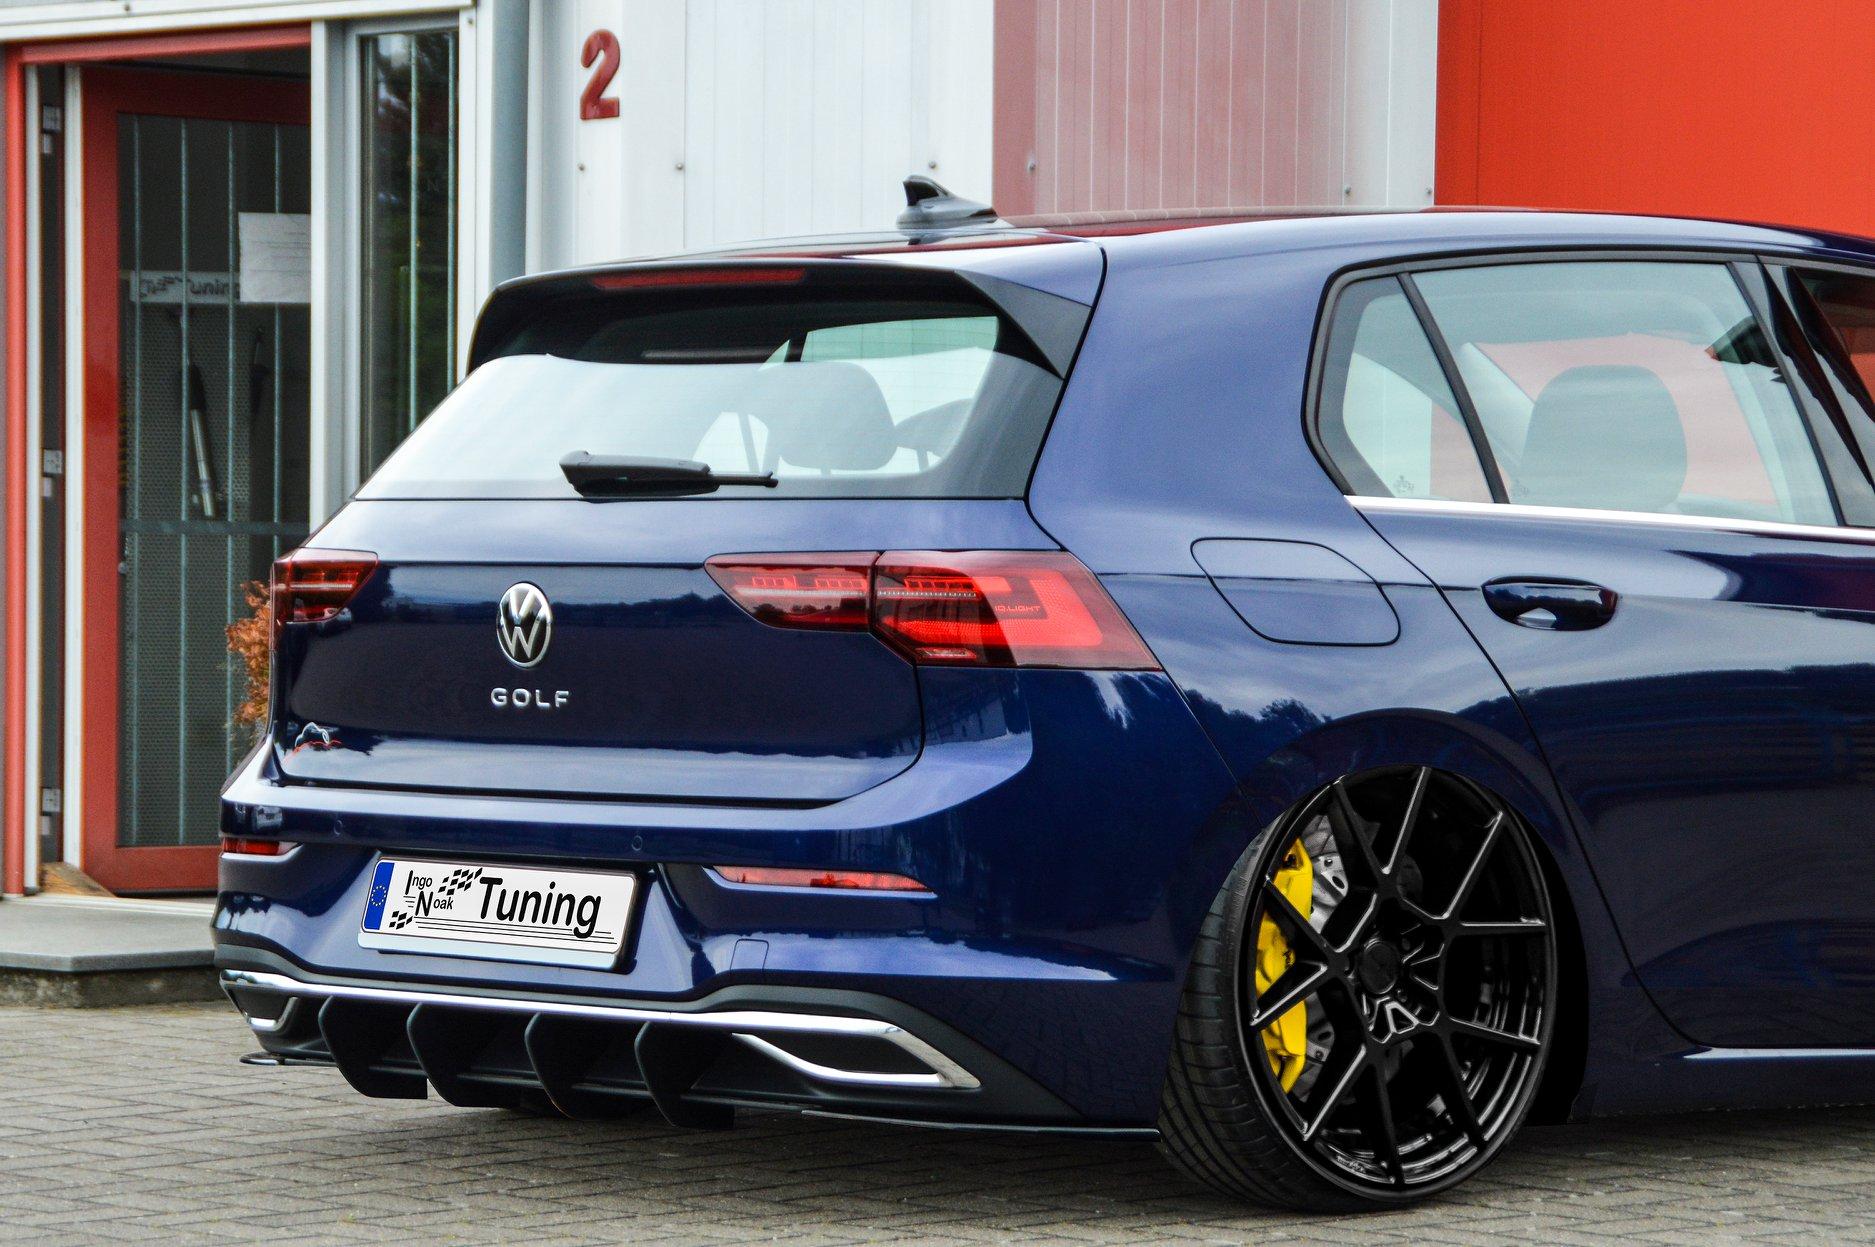 Volkswagen-Golf-8-by-Ingo-Noak-Tuning-5